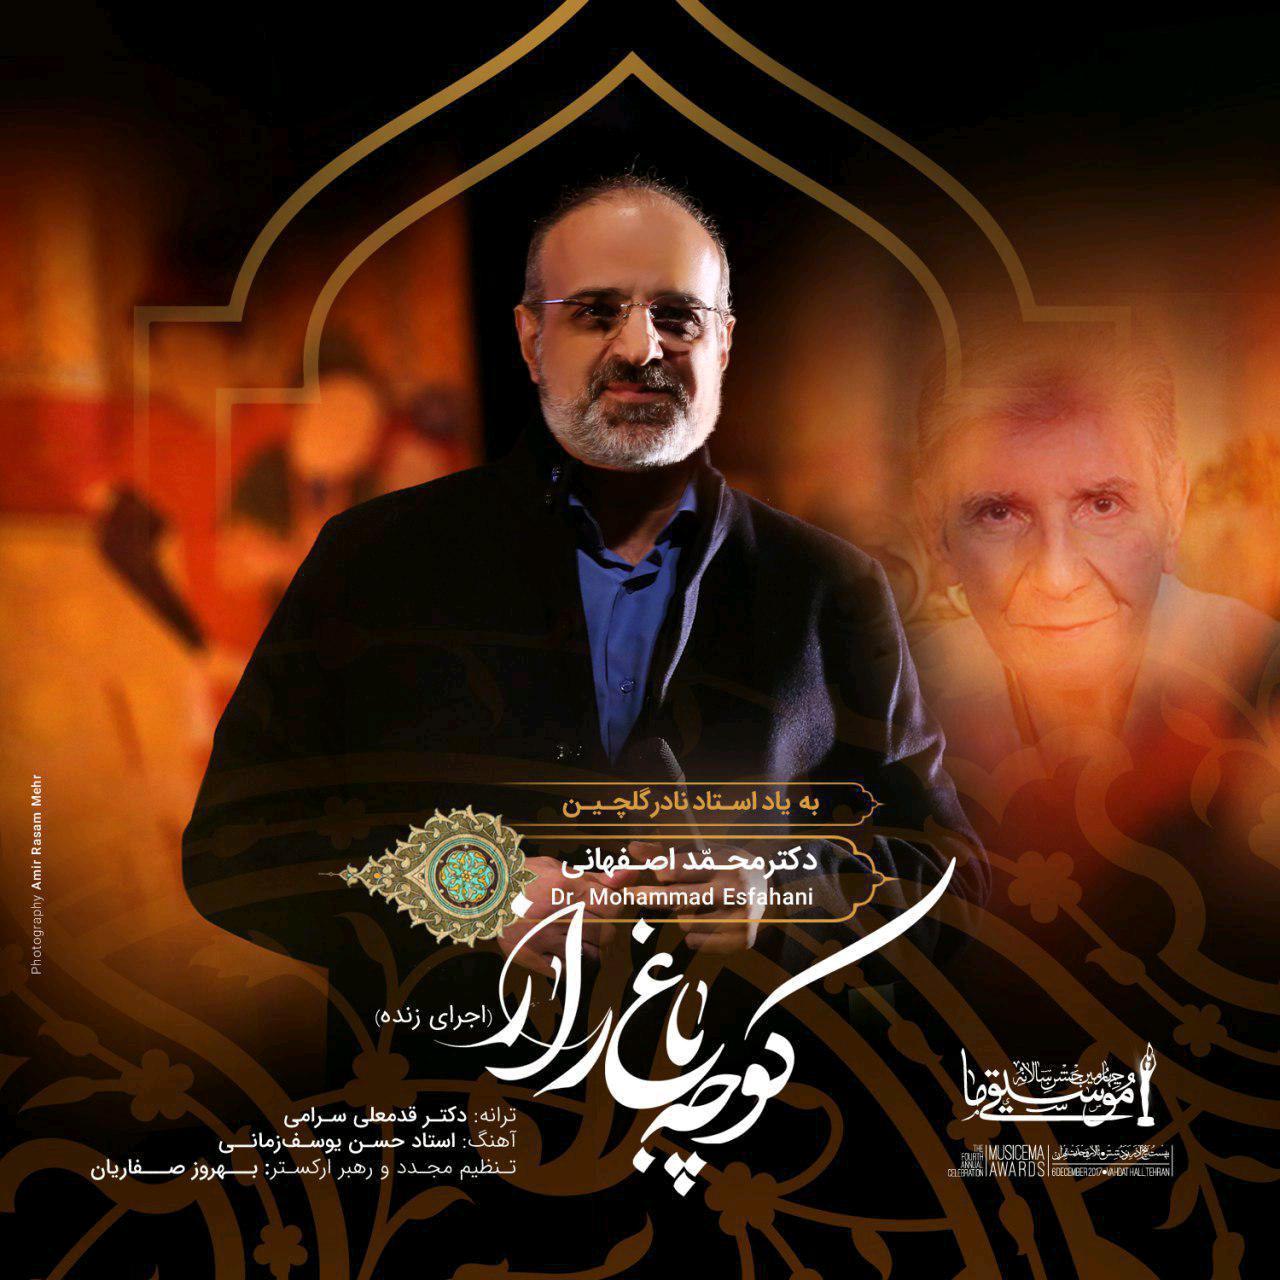 متن آهنگ کوچه باغ راز از محمد اصفهانی